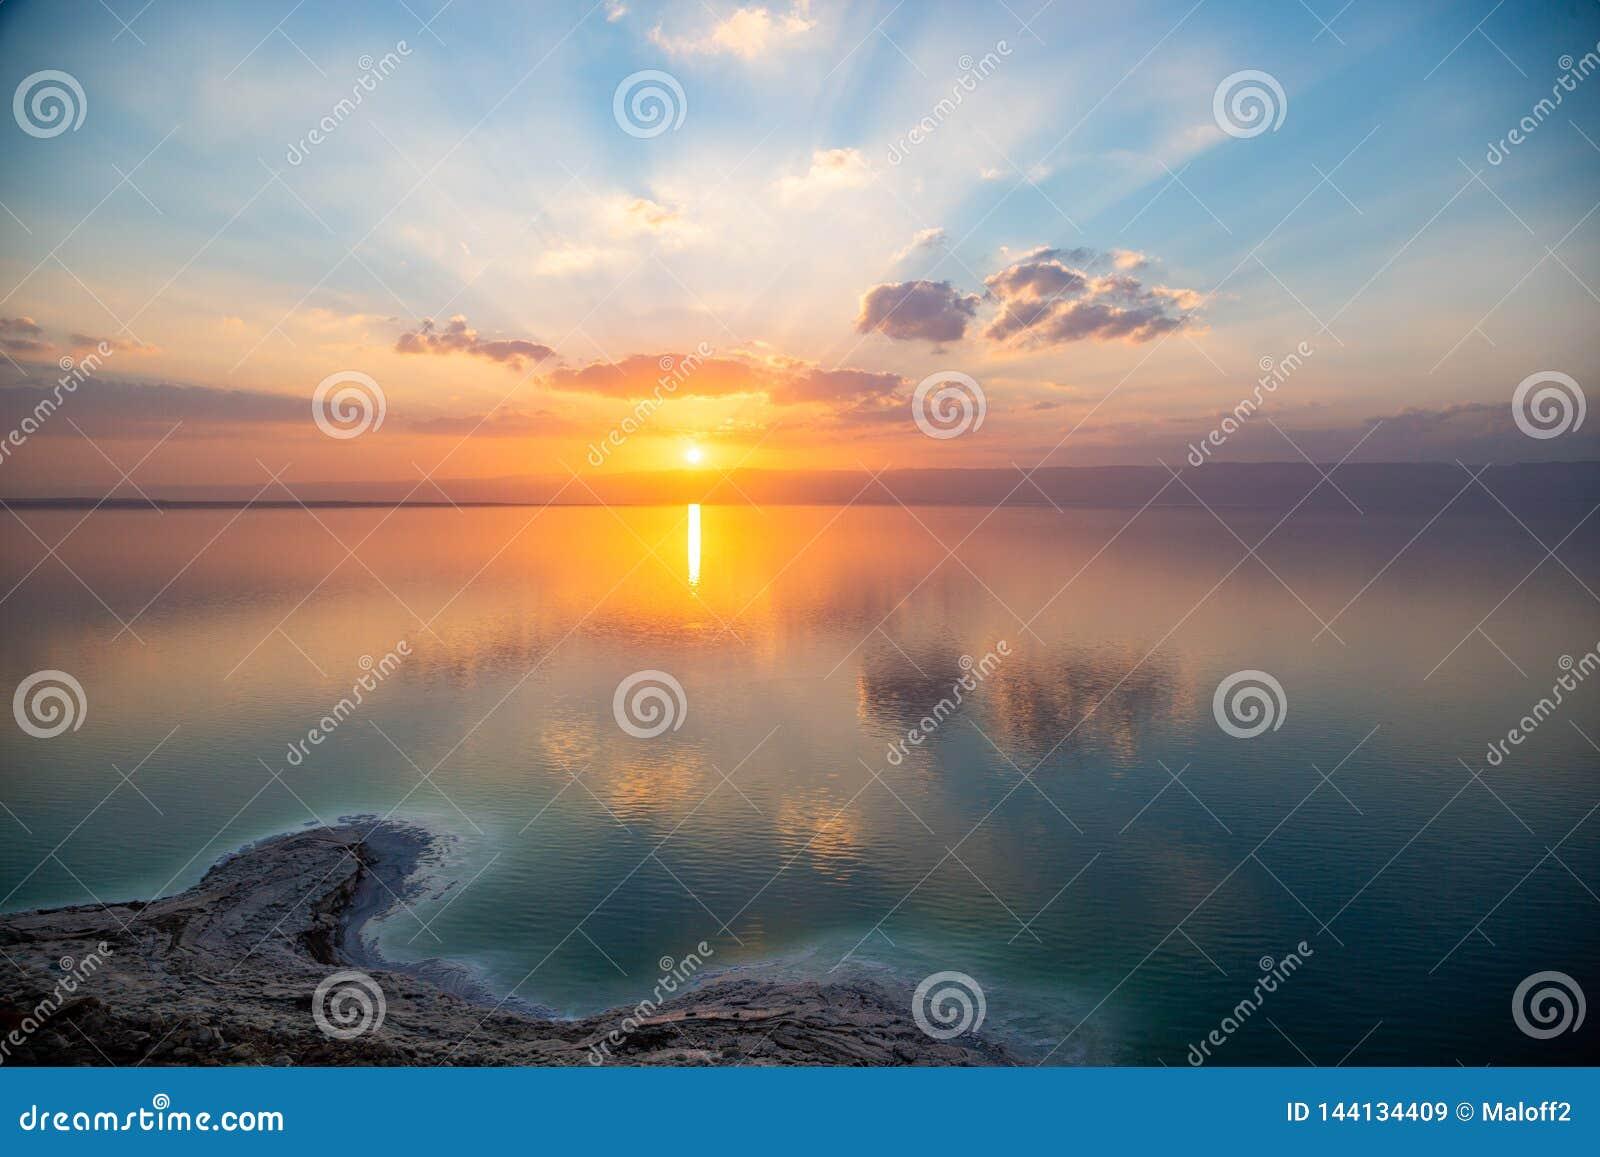 Заход солнца над мертвым морем, взгляд от Джордан к Израилю и горы Иудея Отражение солнца, небес и облаков Соленый пляж, соль